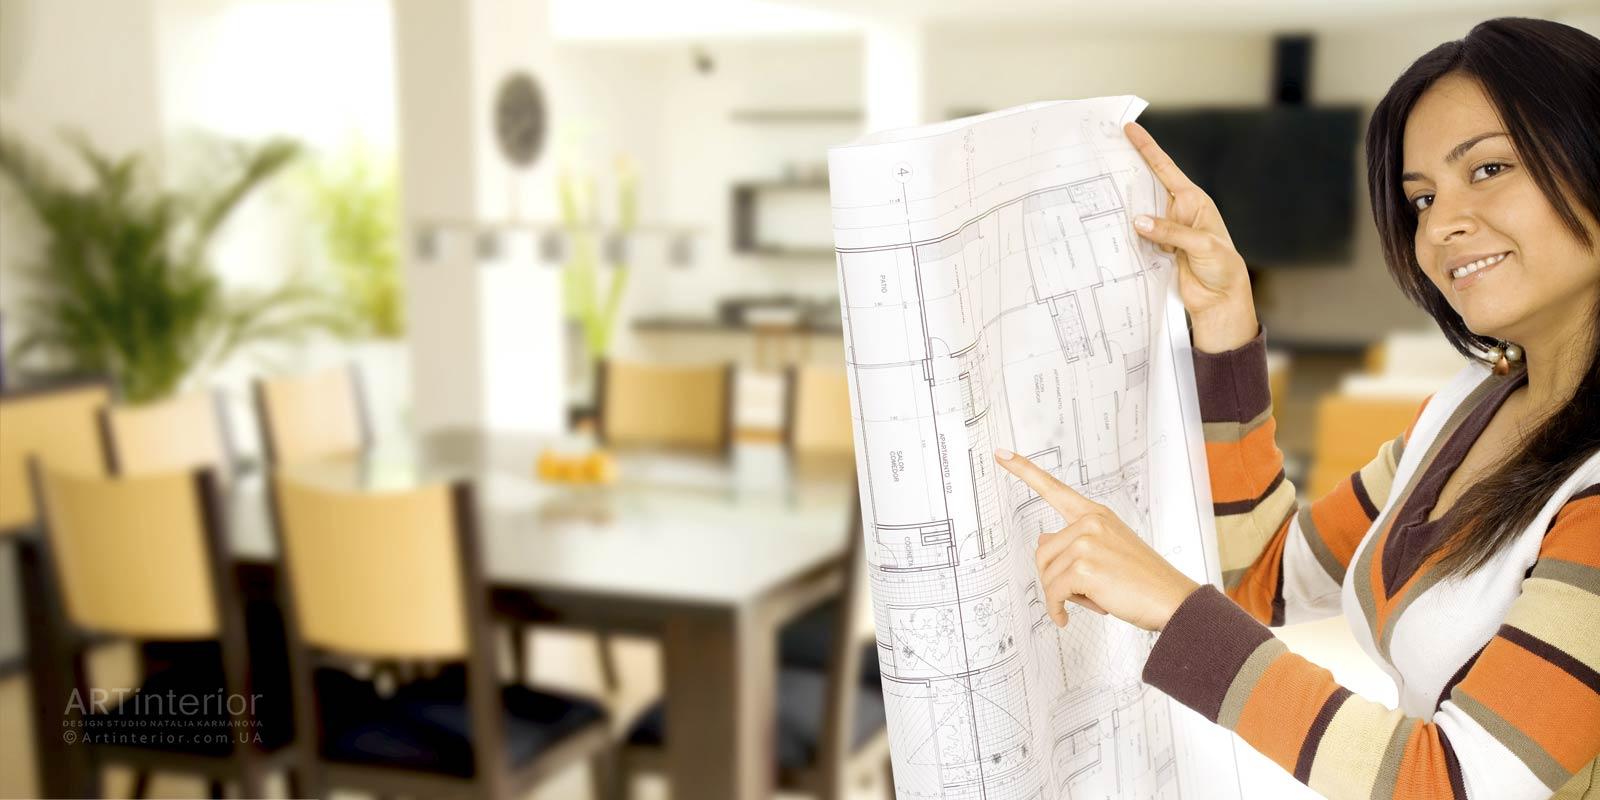 Как изучить дизайн интерьеров